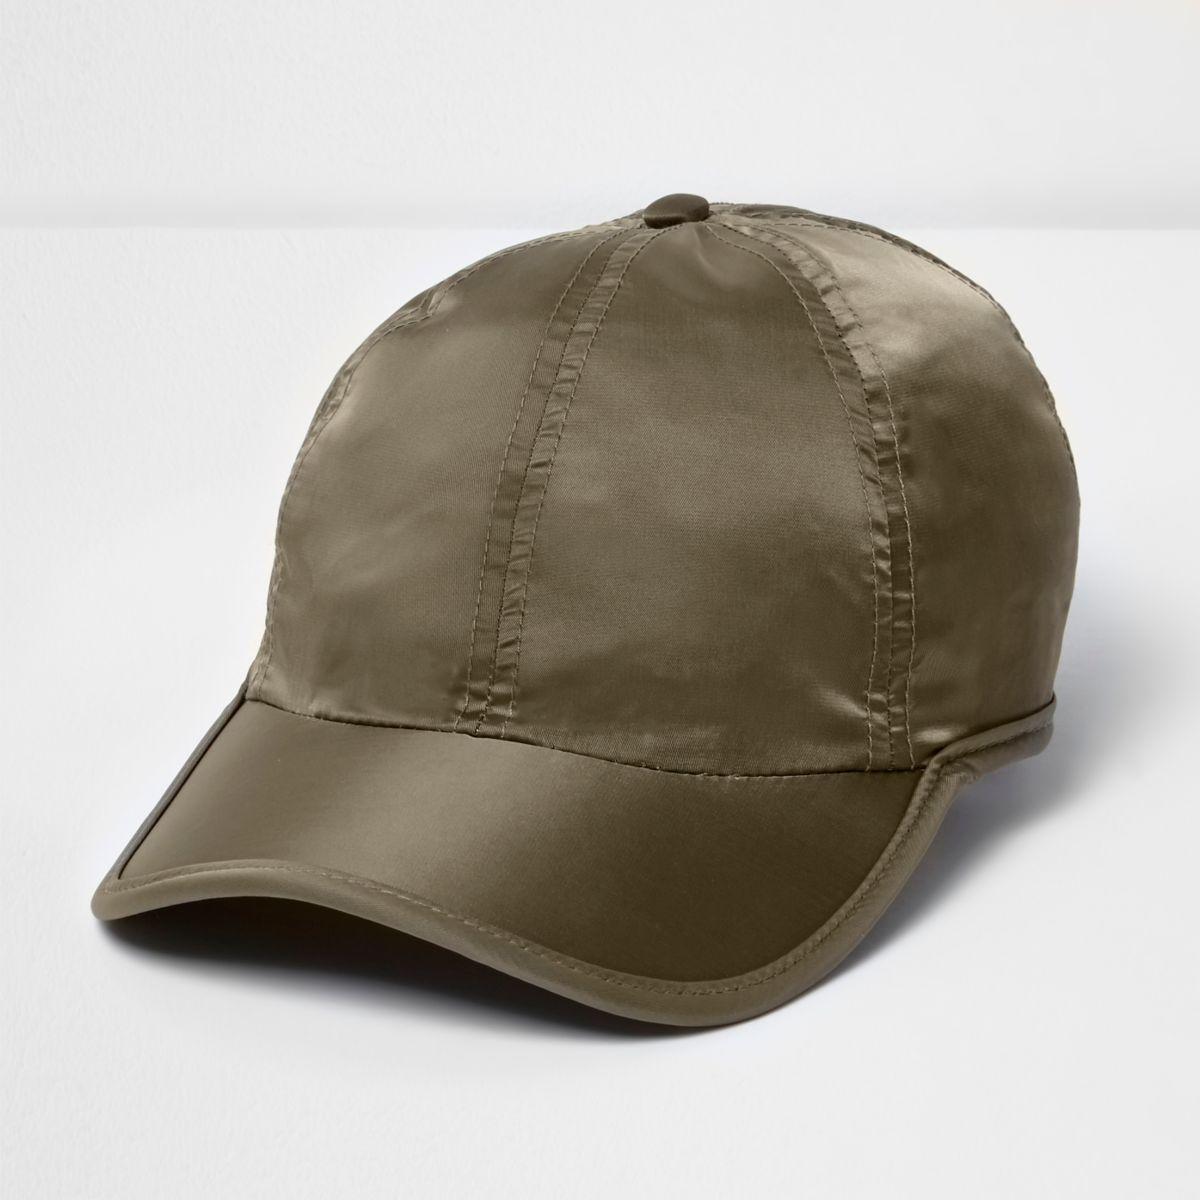 Khaki green satin feel cap